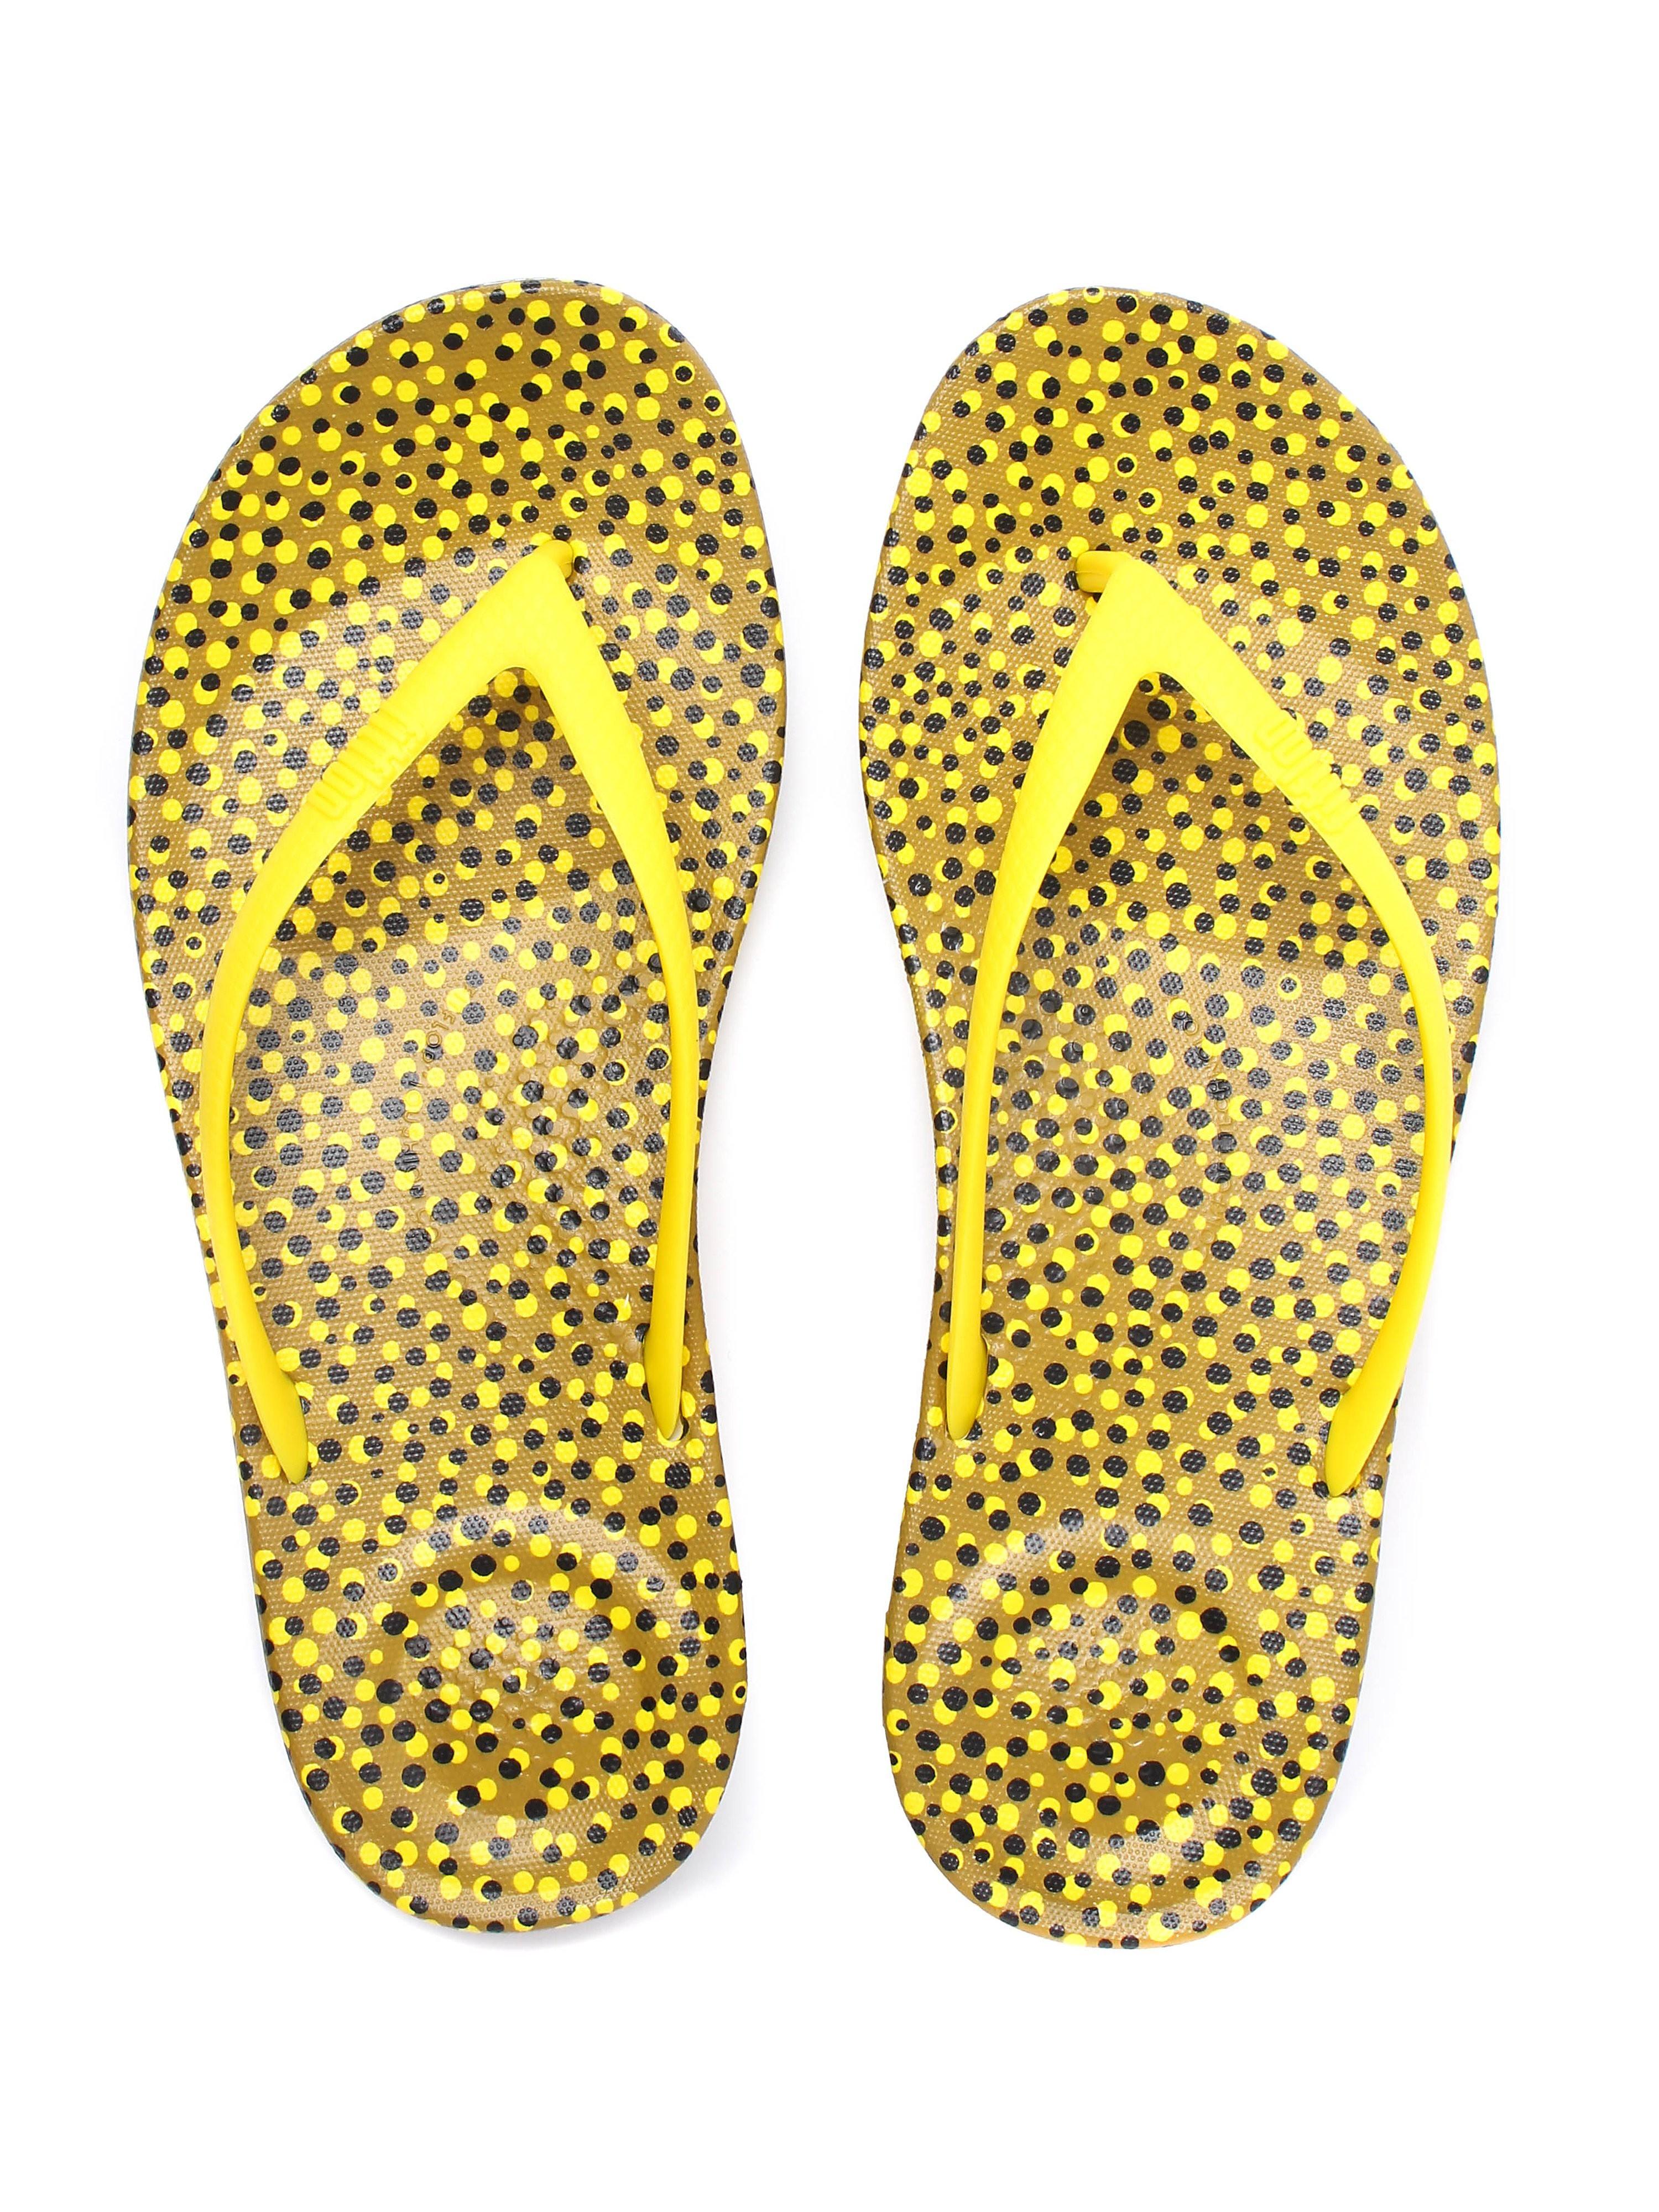 FitFlop Women's iQUSHION Ergonomic Flip Flops - Yellow Bubbles